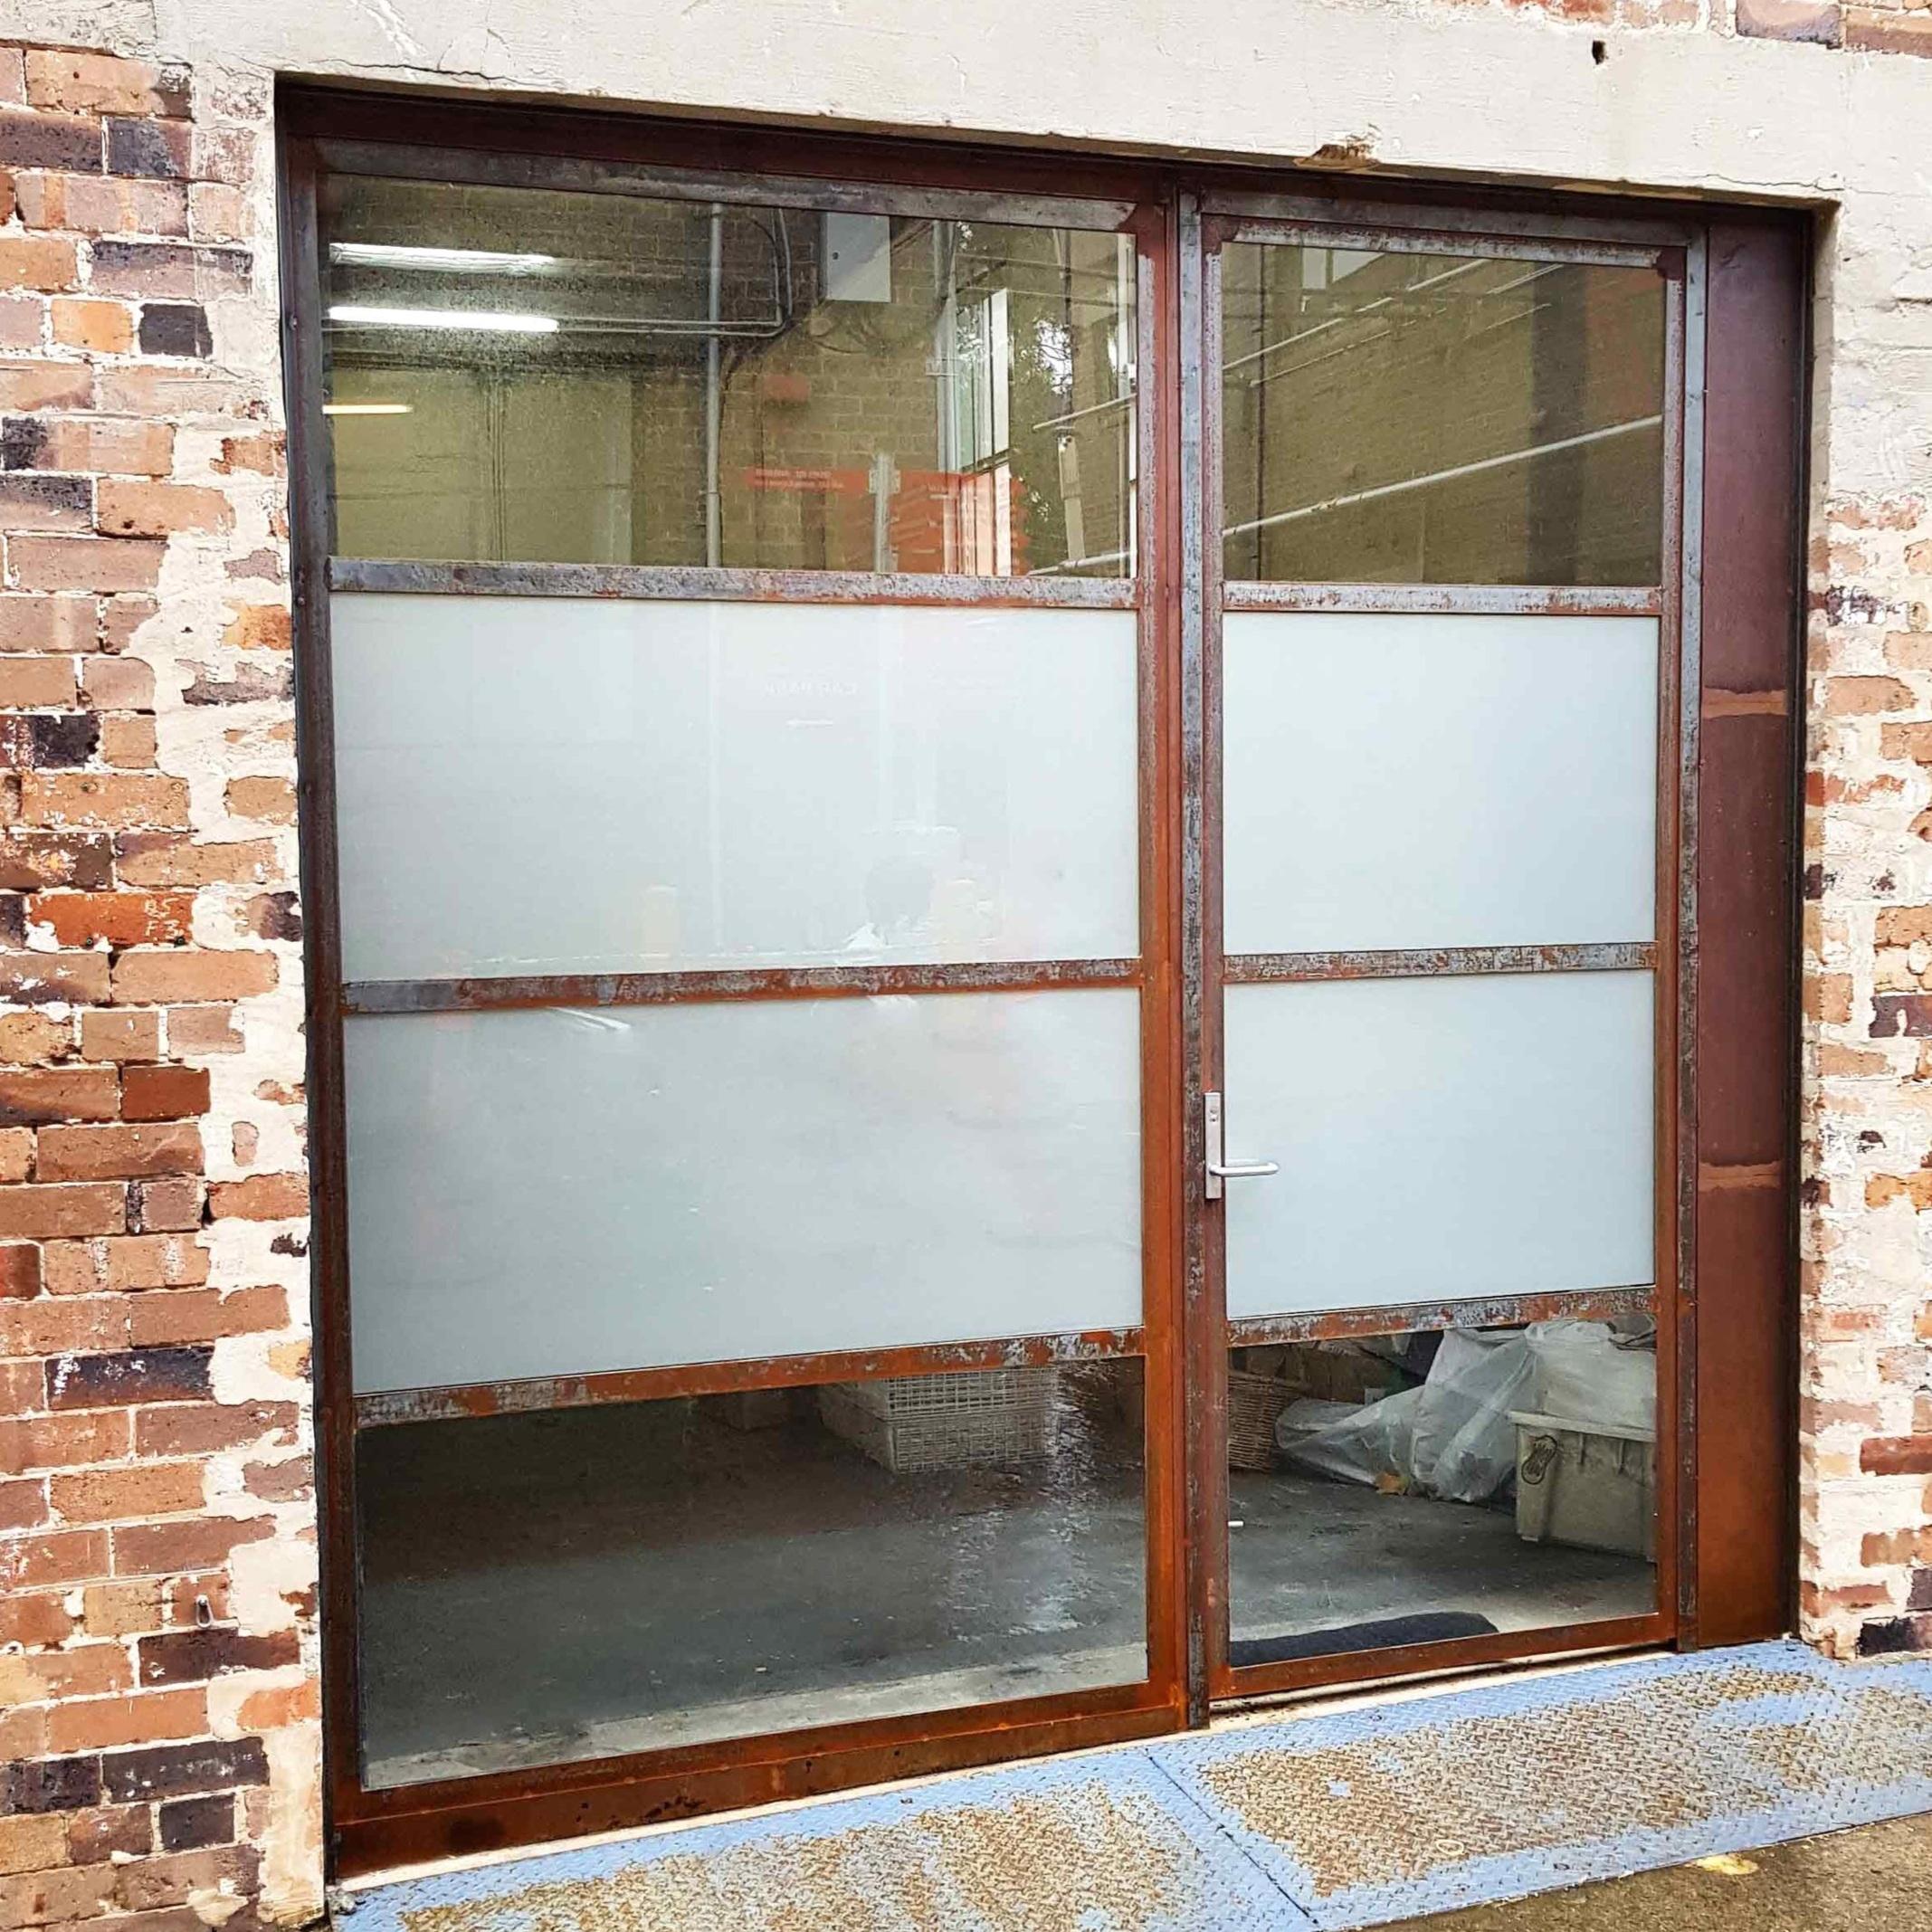 Rusty-steel-windows-shop-front.jpg